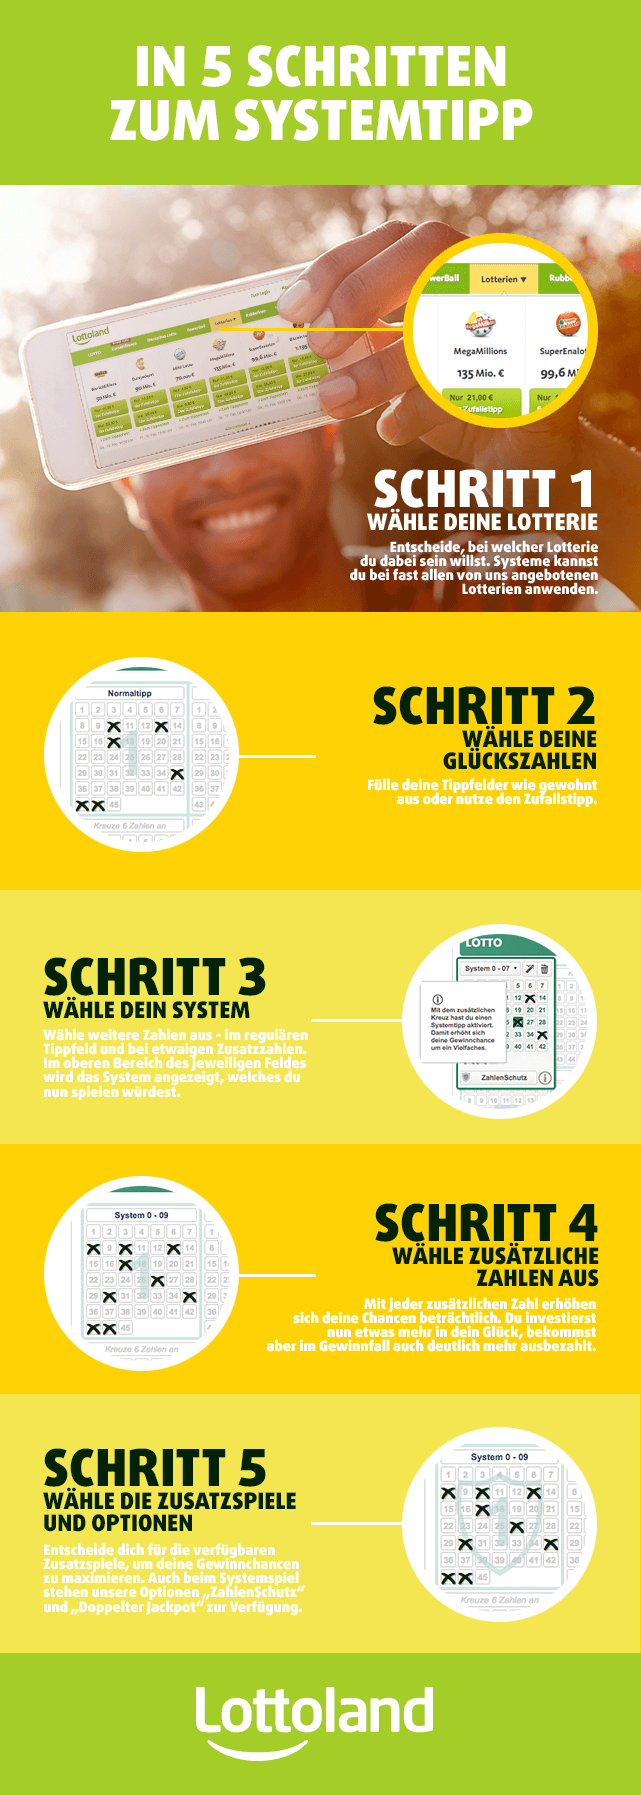 In 5 Schritten zum Systemtipp